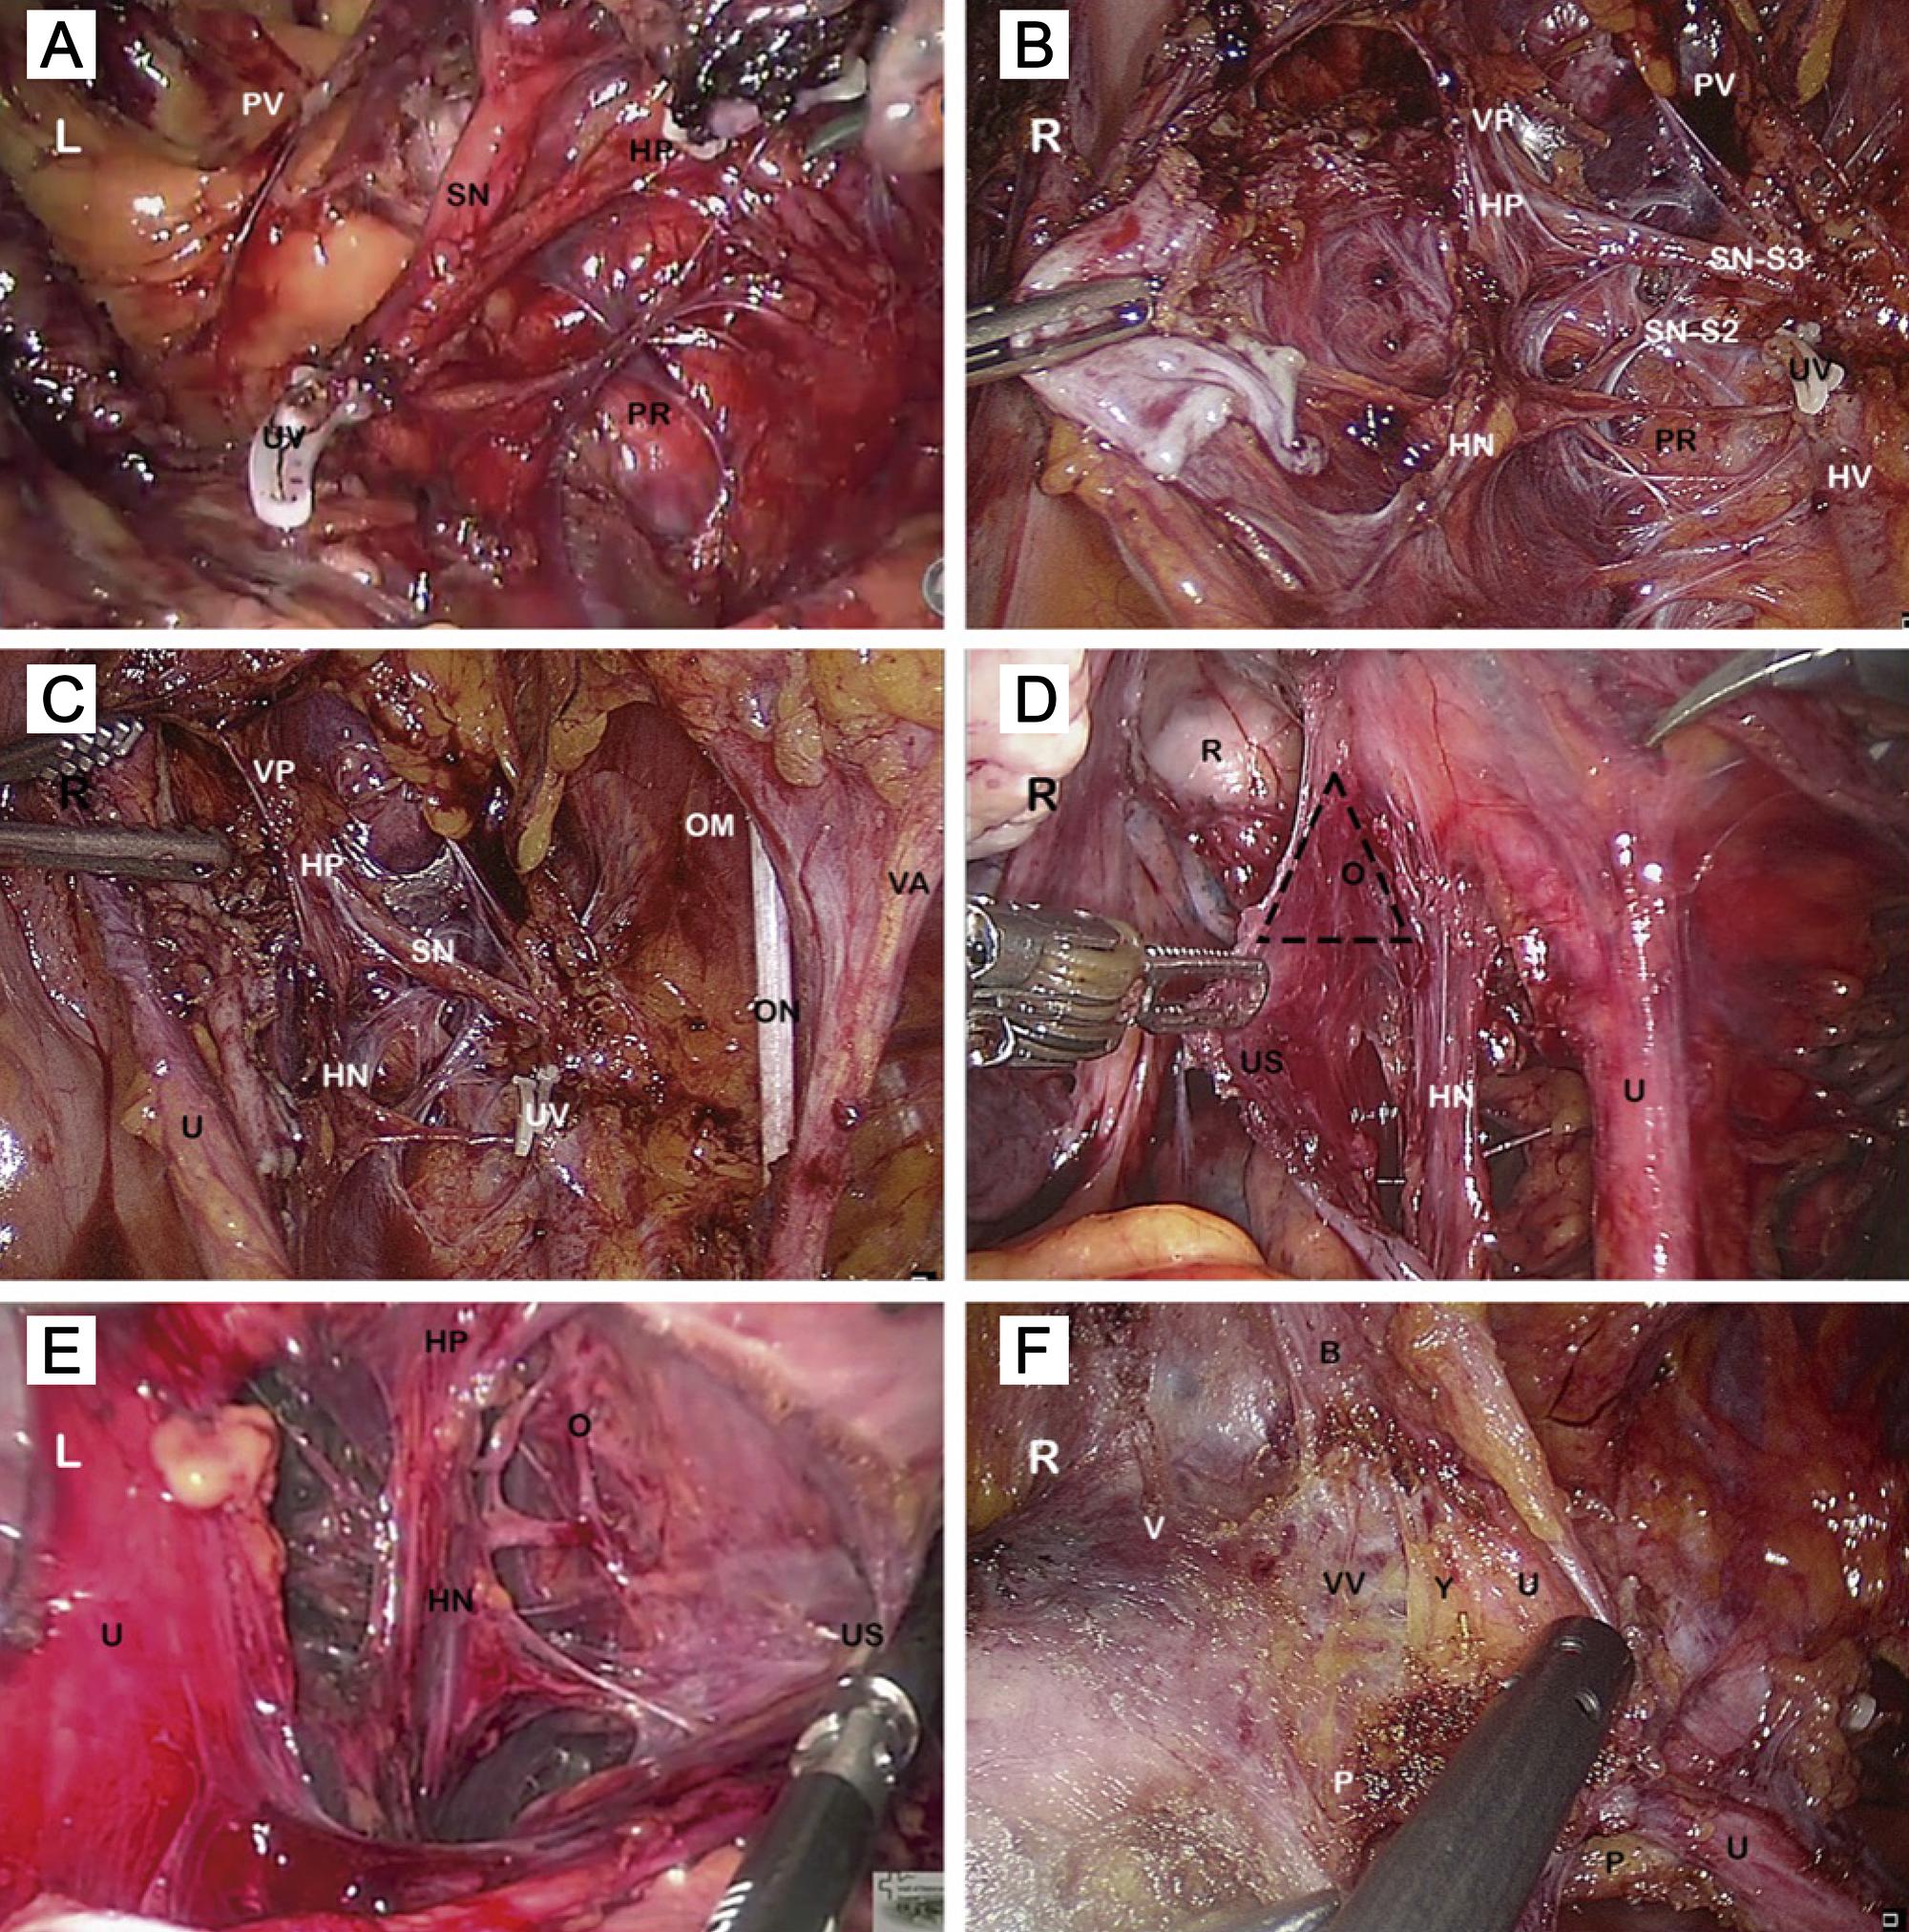 Nerve-sparing radical hysterectomy: Key steps.